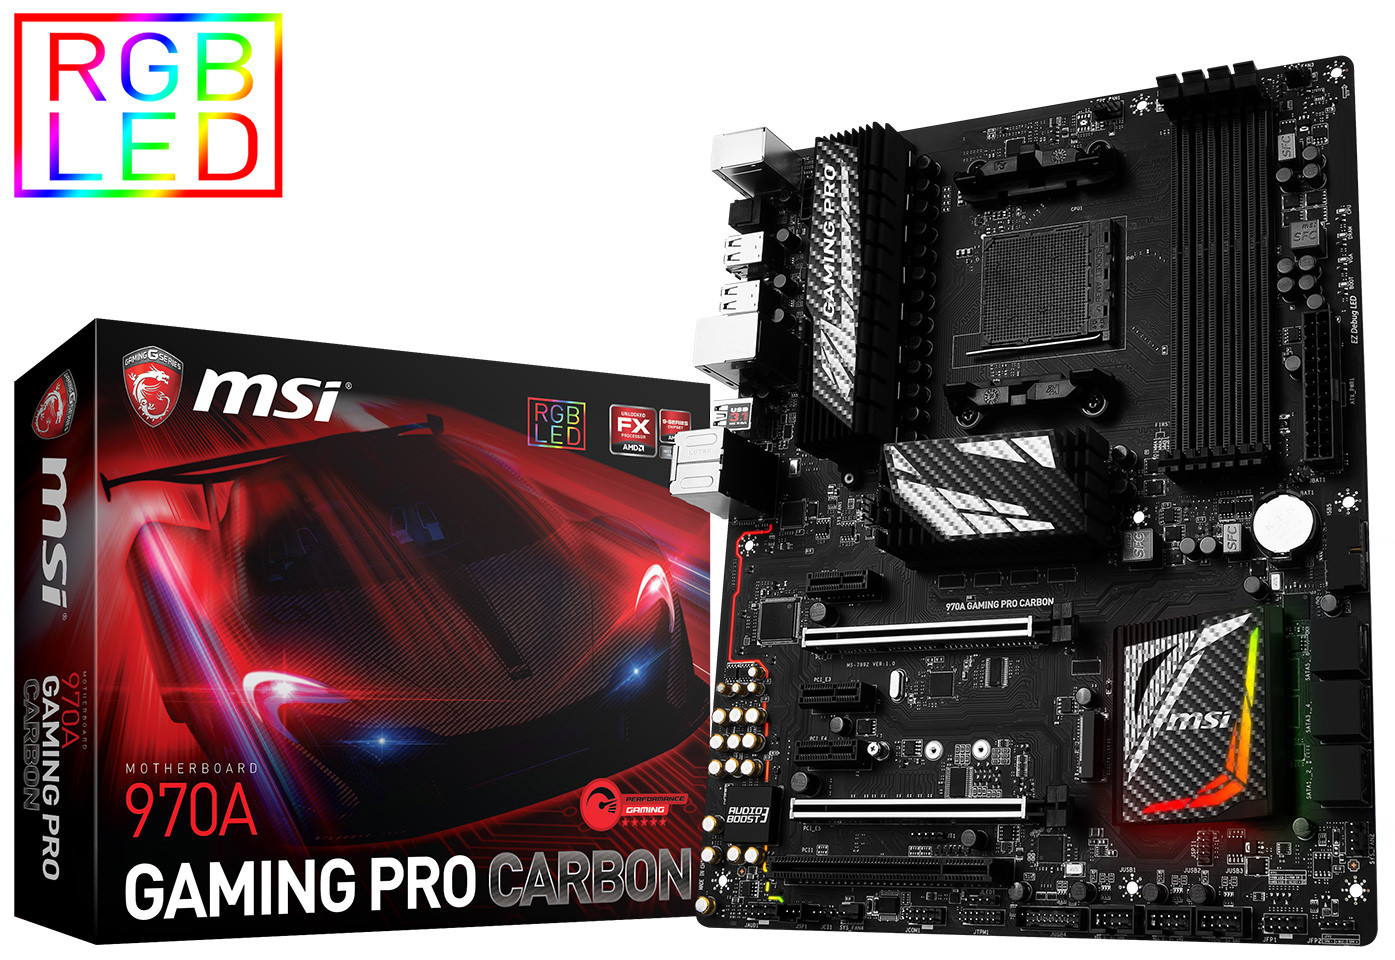 MSI anuncia su placa base 970A Gaming Pro Carbon 1